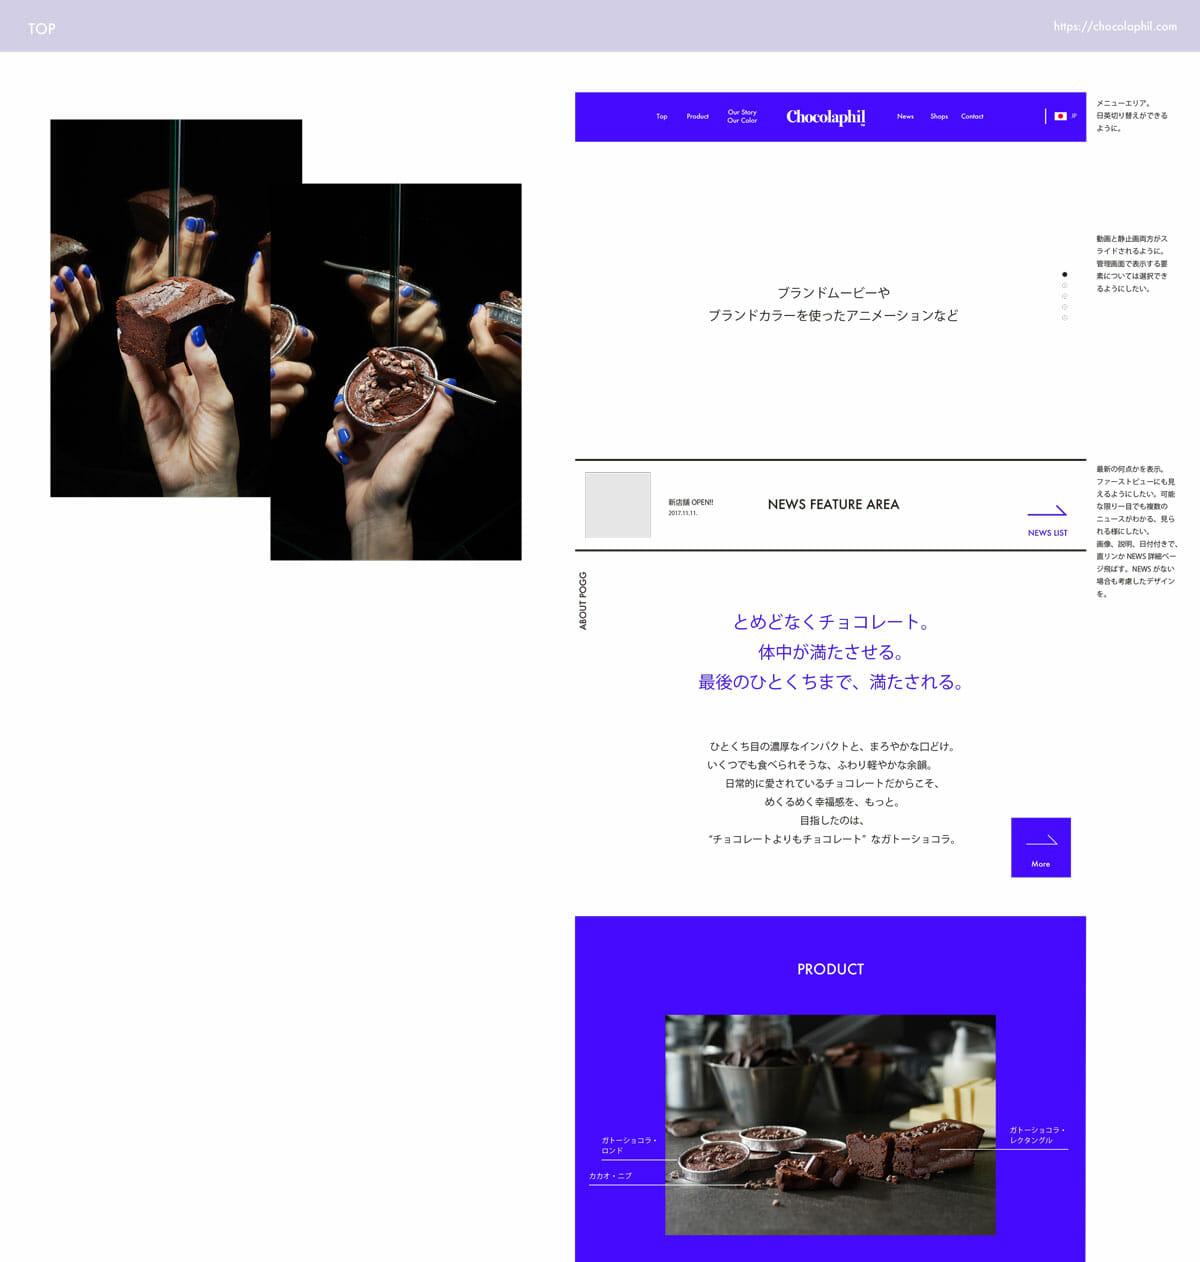 小野澤さんによる「Chocolaphil」Webサイトのワイヤーフレーム